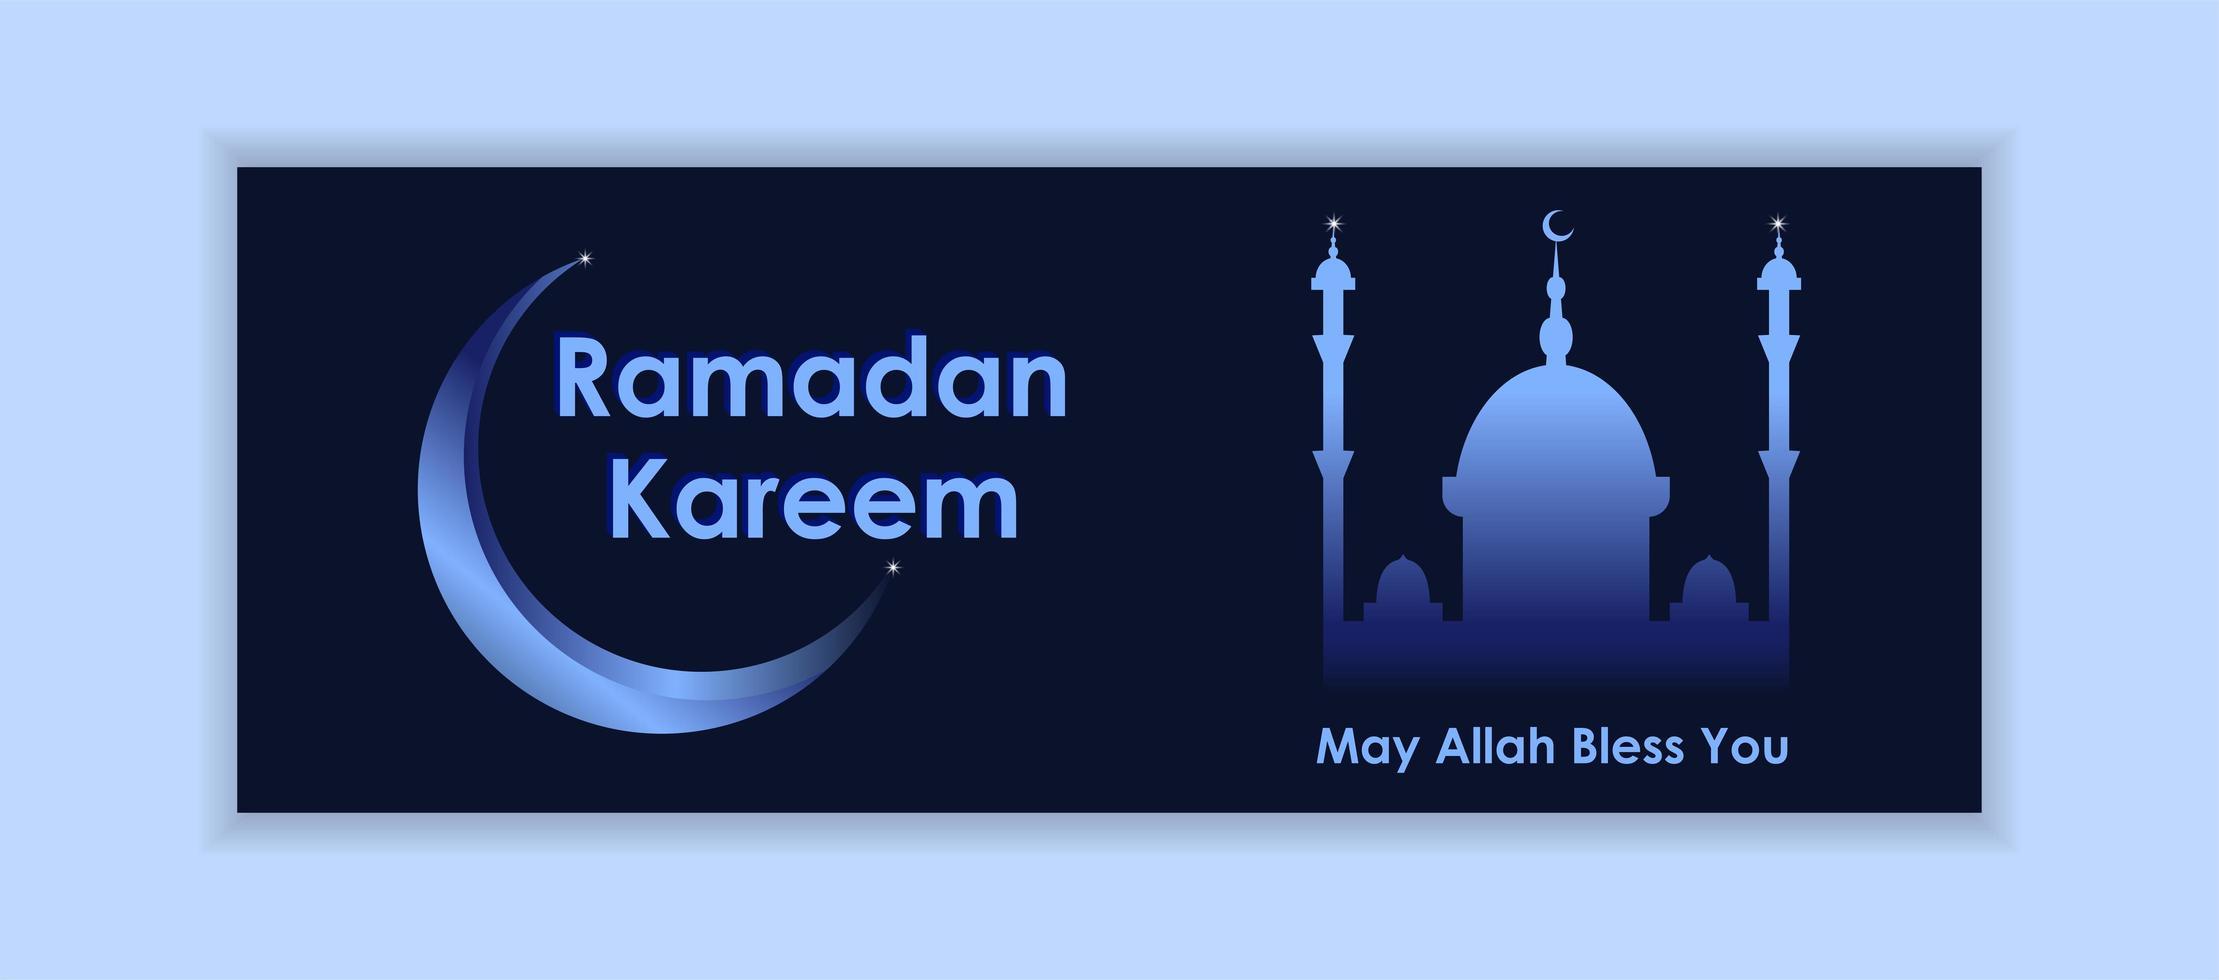 bannière de médias sociaux dégradé bleu ramadan kareem vecteur